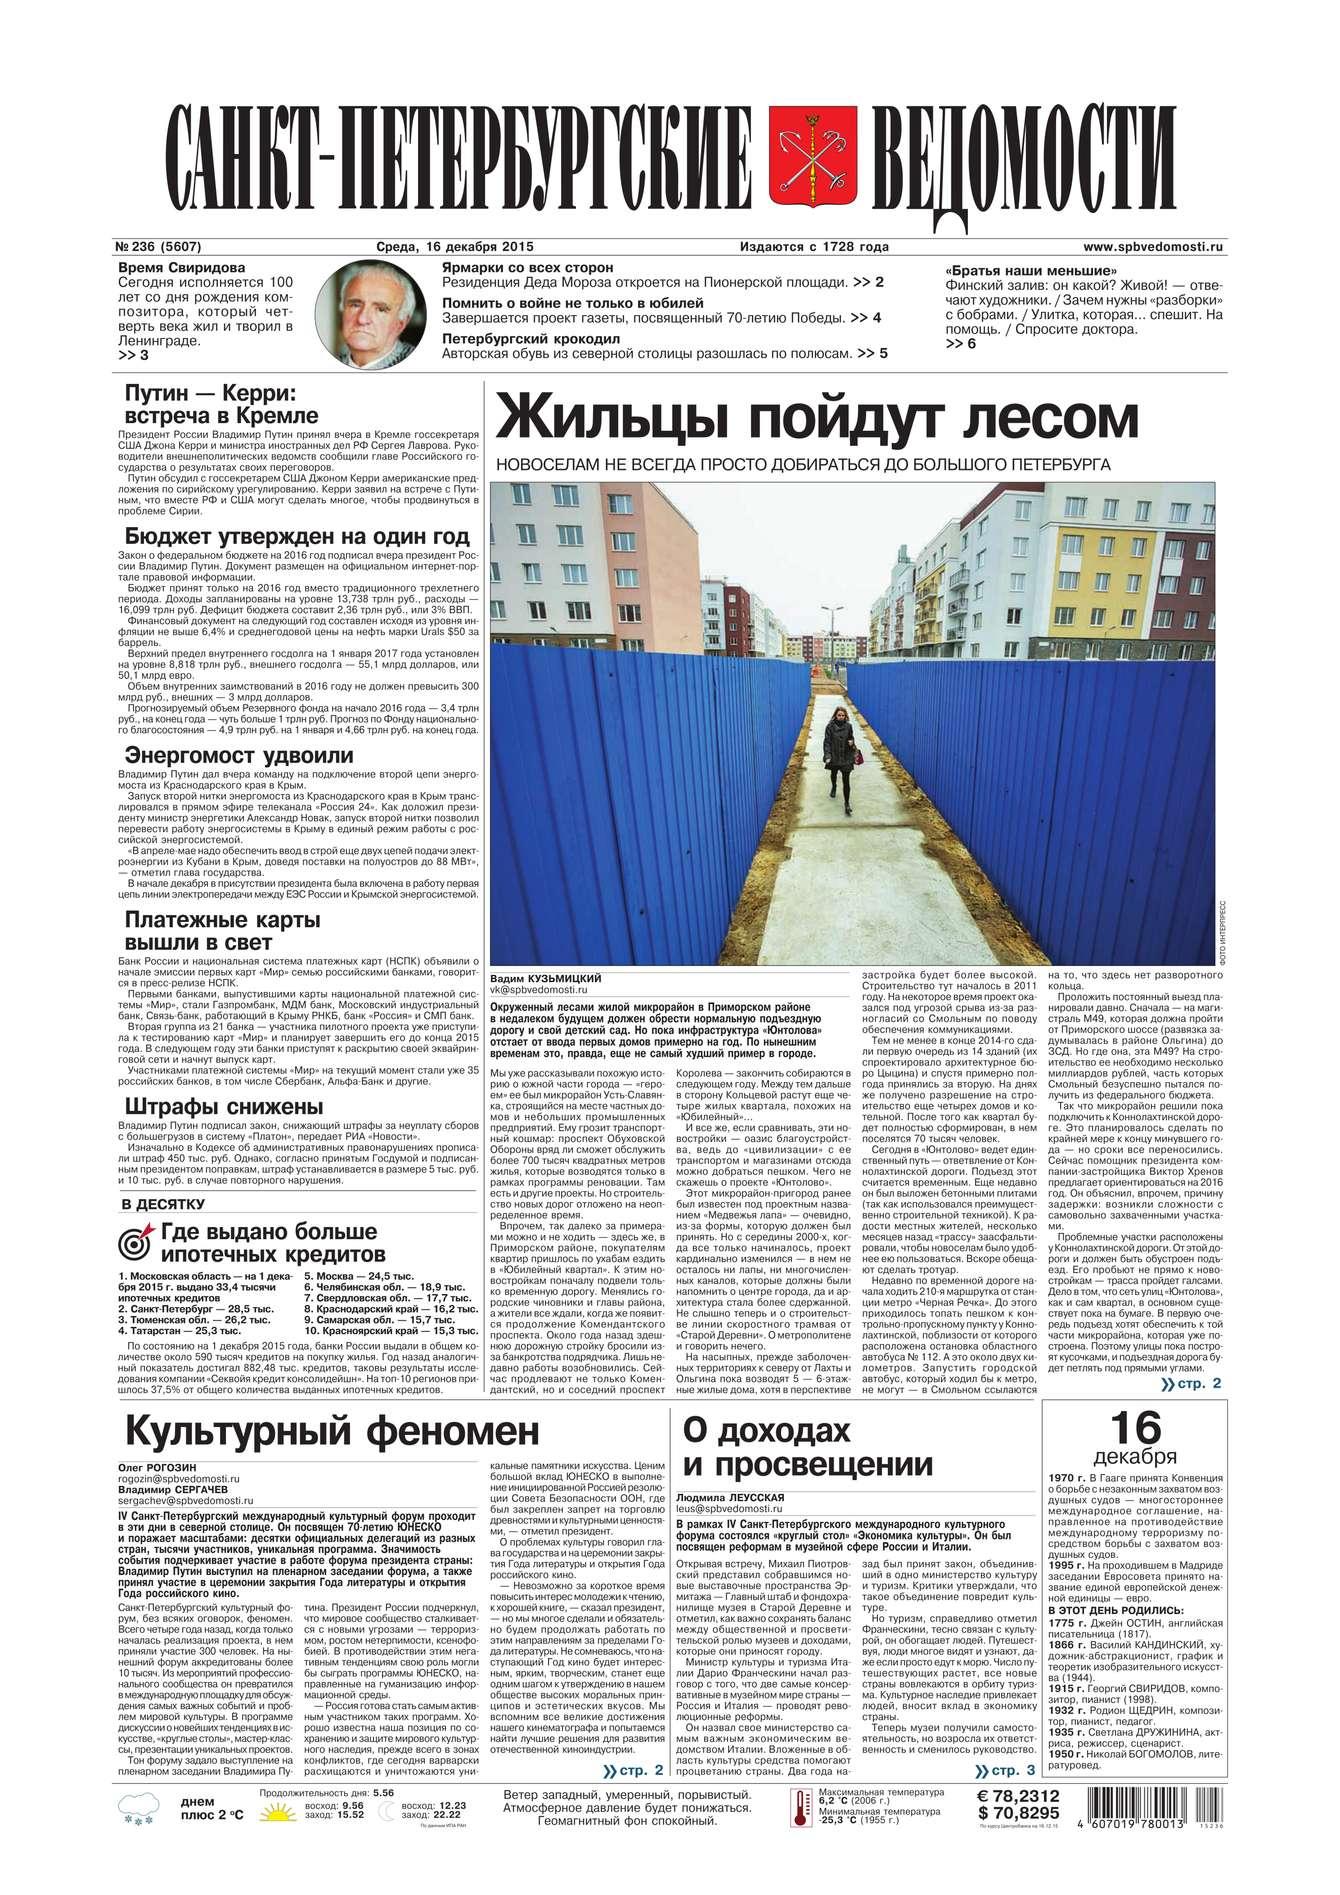 Санкт-Петербургские ведомости 236-2015